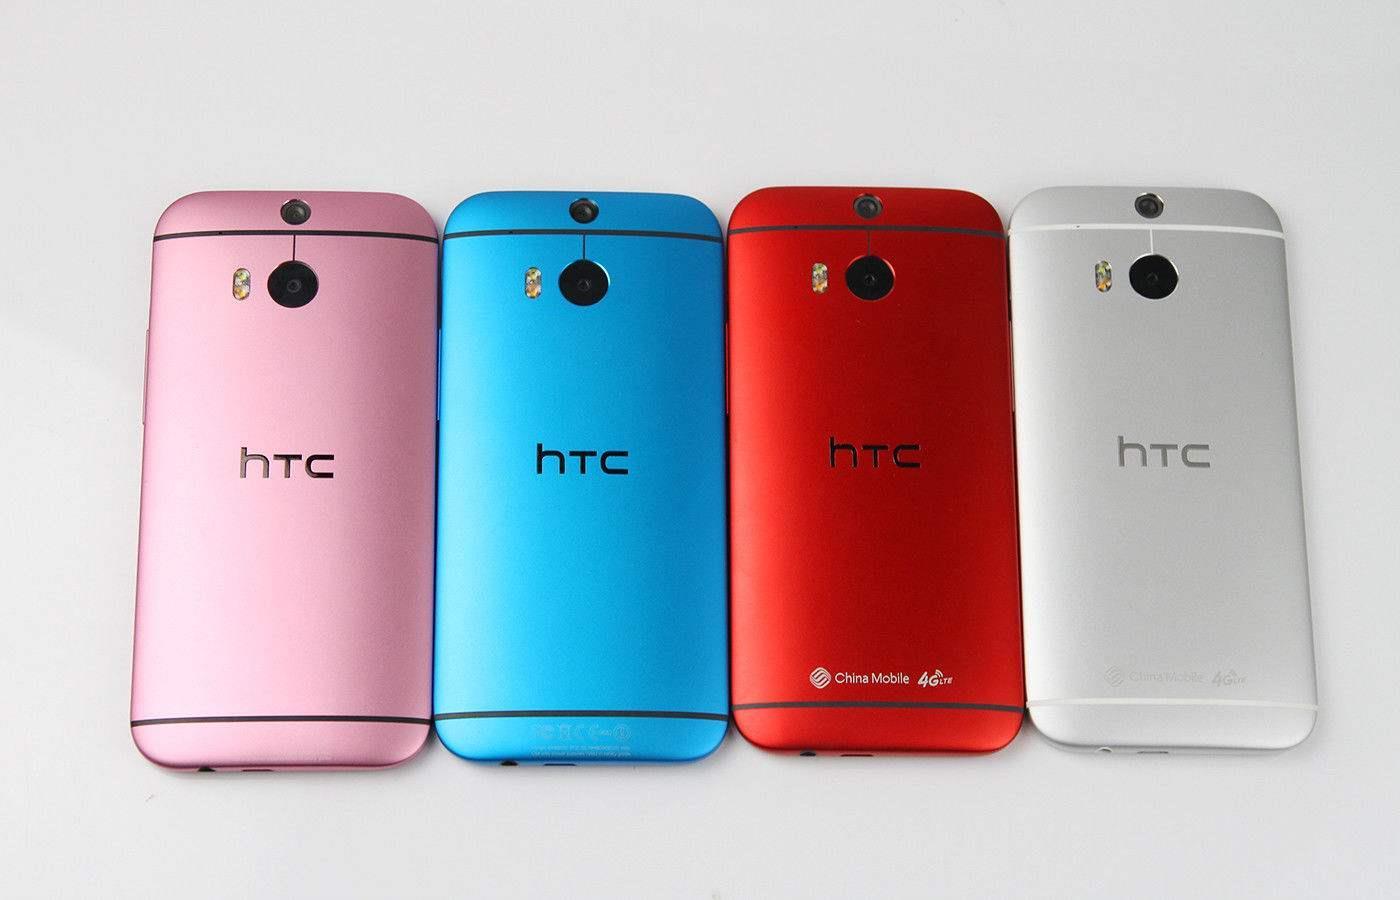 美媒称:HTC将合并手机与VR业务 全球裁员